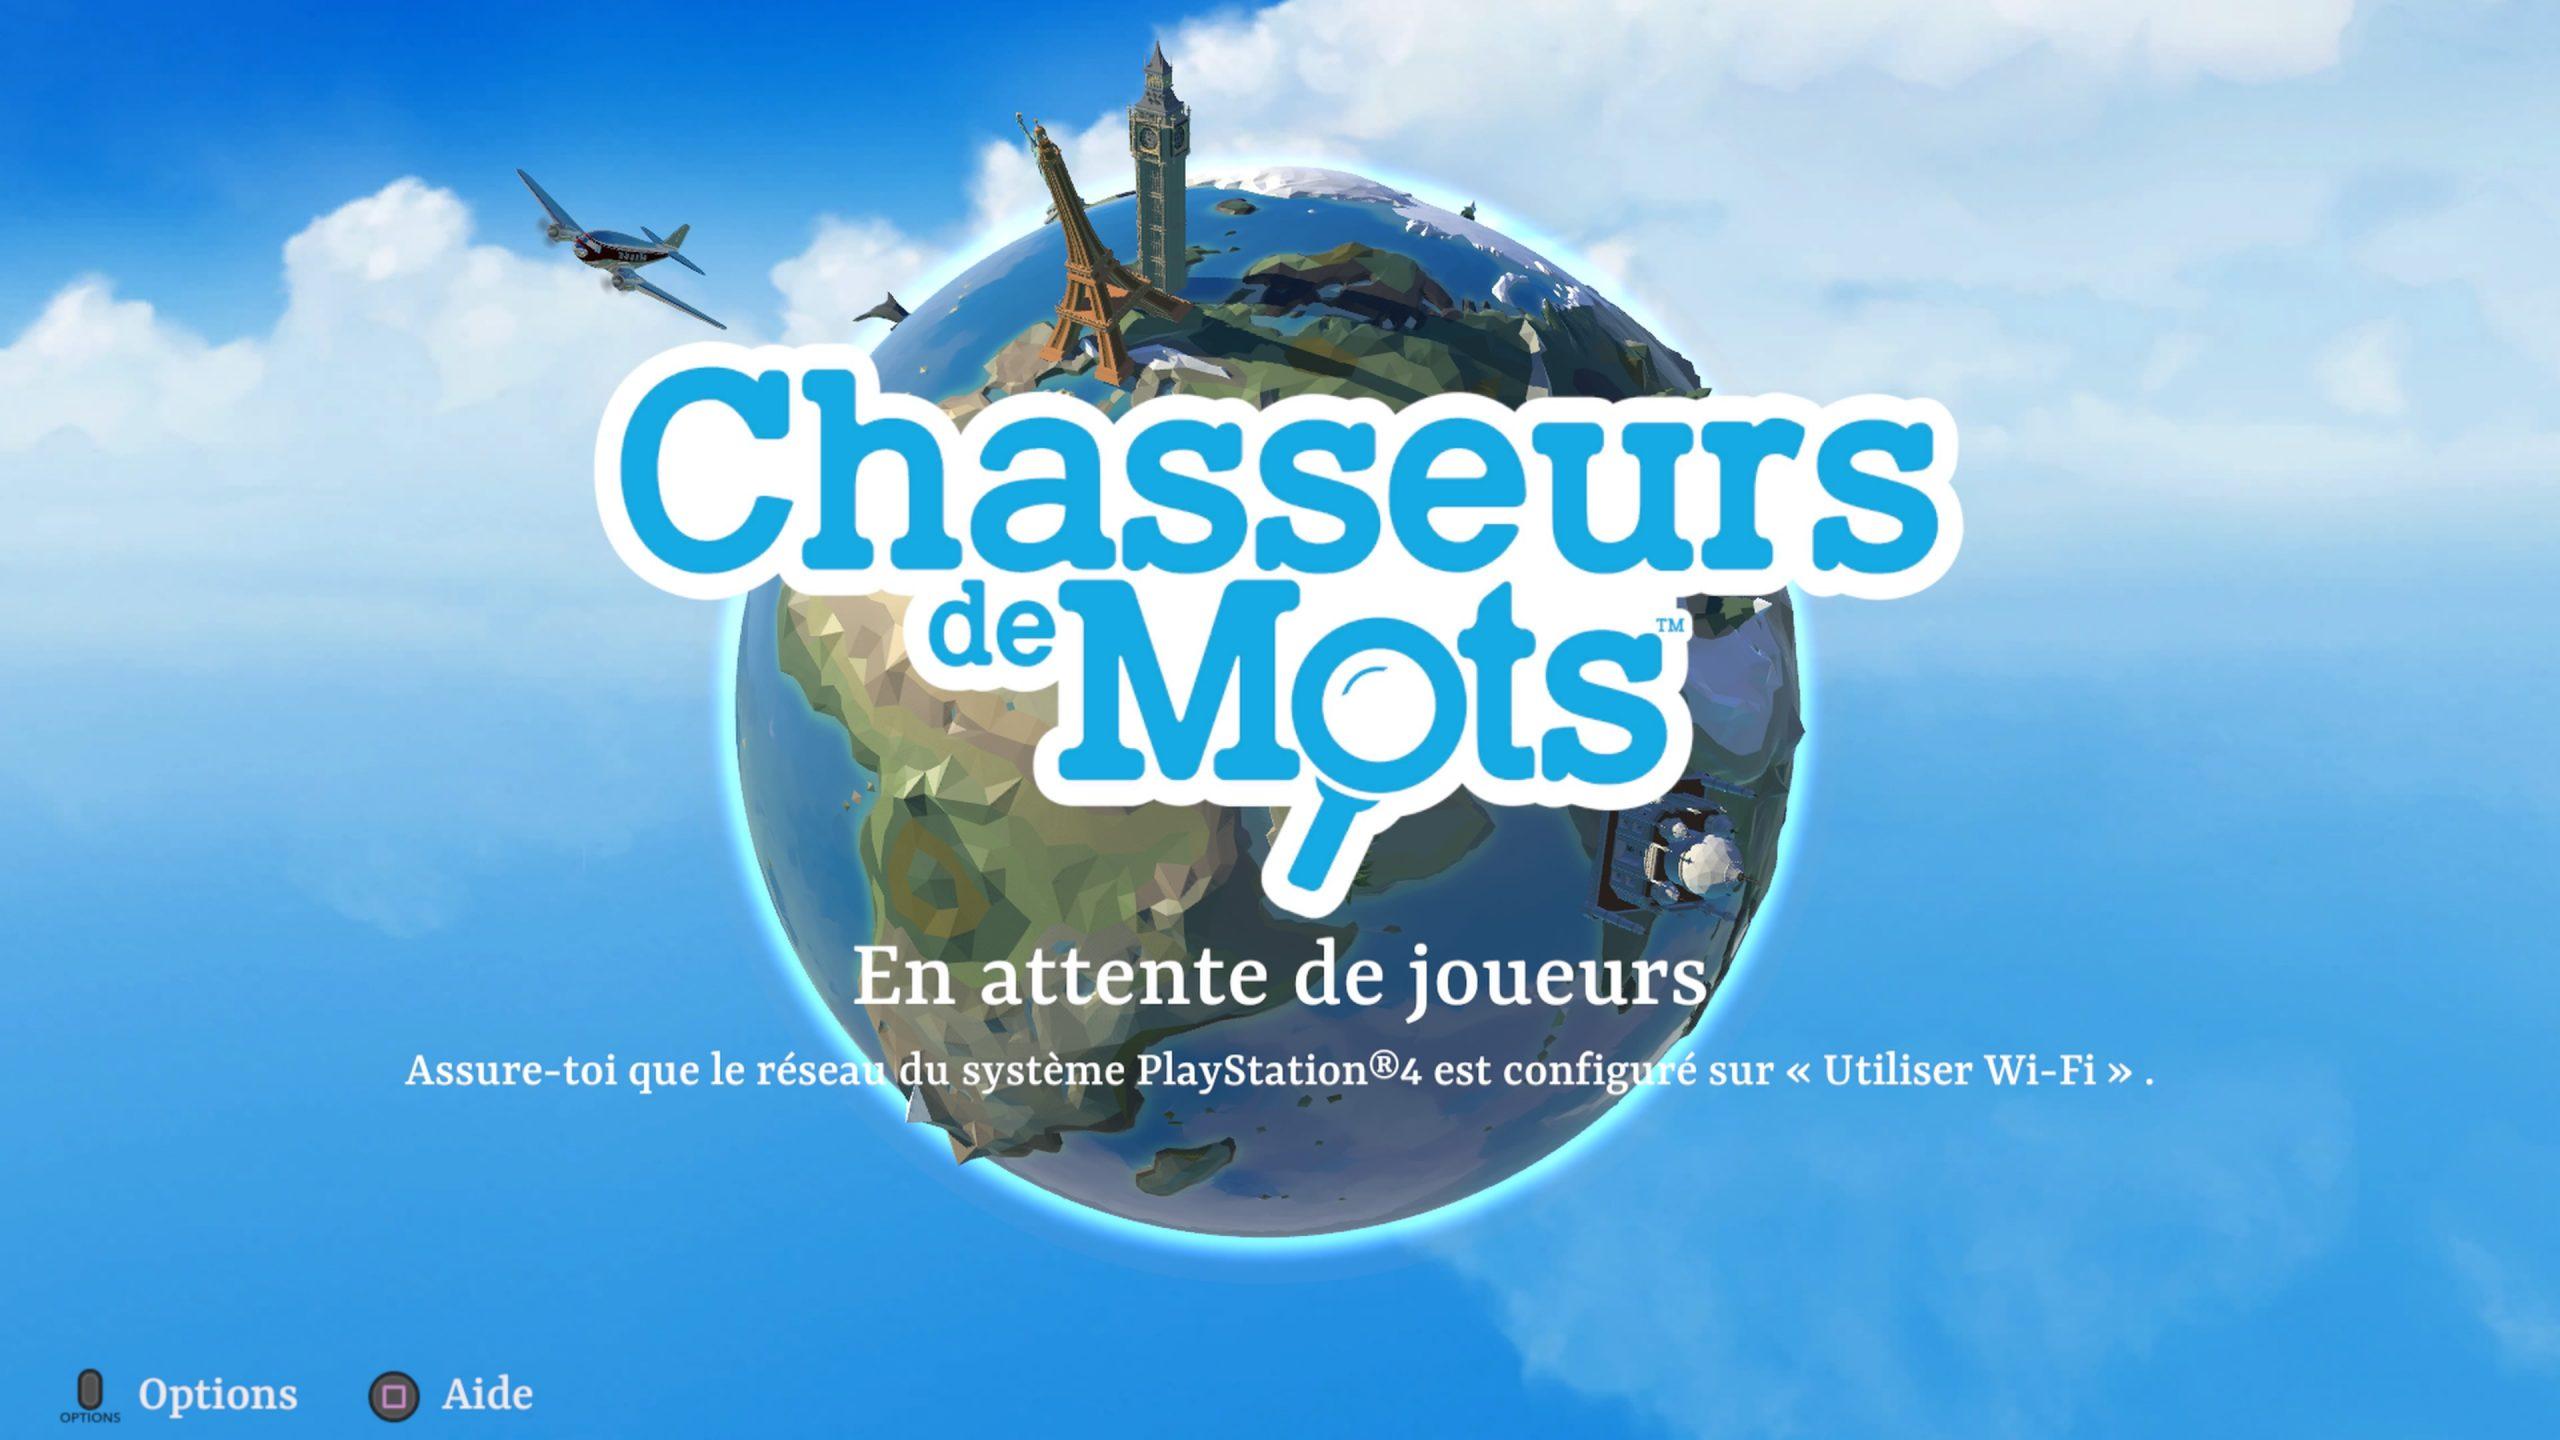 Les Chasseurs De Mots Playlink - Voyage De Mots - Game-Guide à Jeux Quatre Image Pour Un Mot